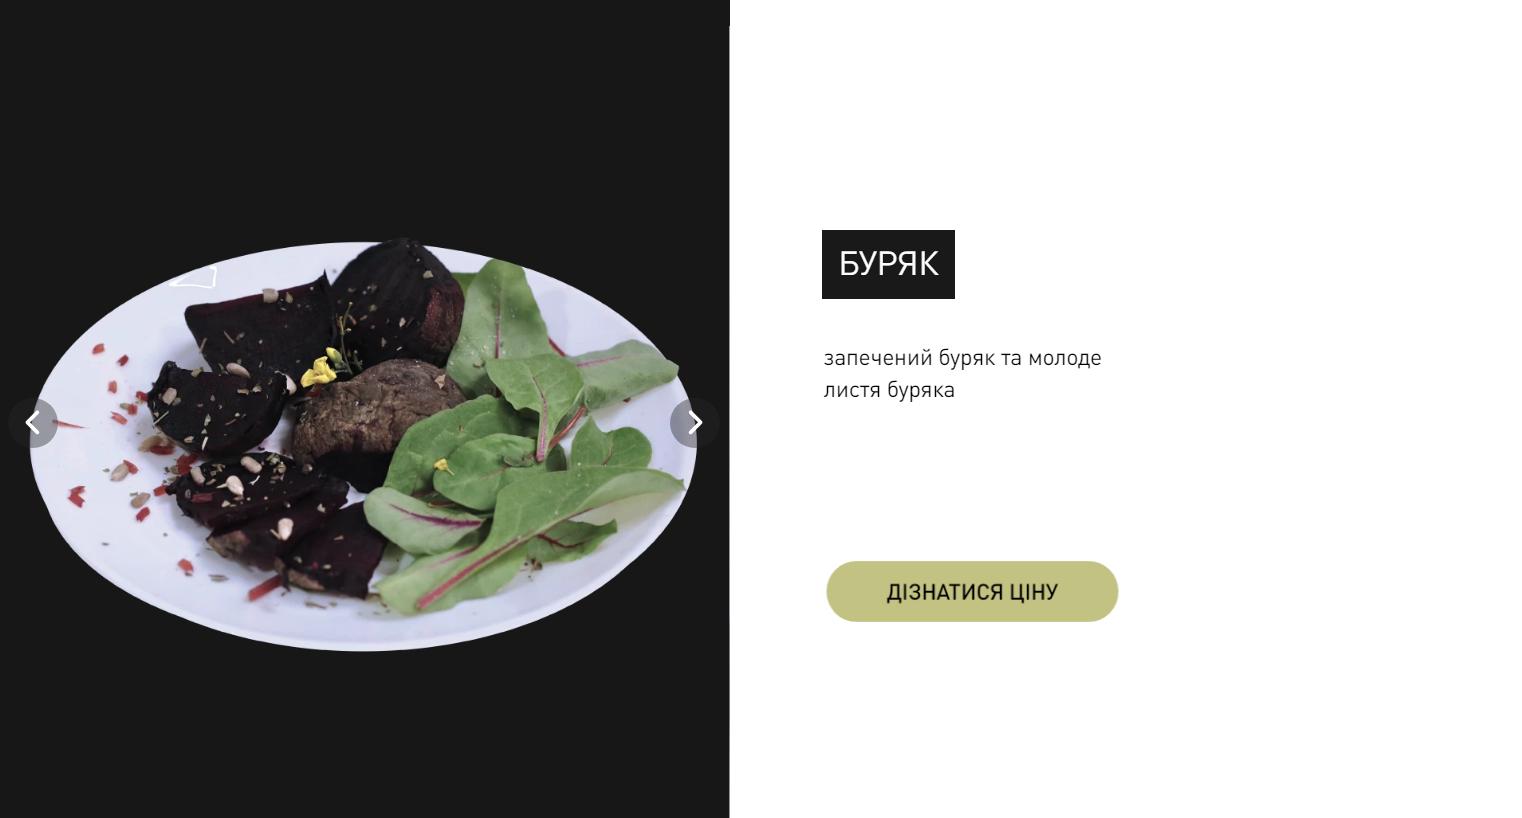 В Україні створили онлайн-ресторан зі стравами часів Голодомору